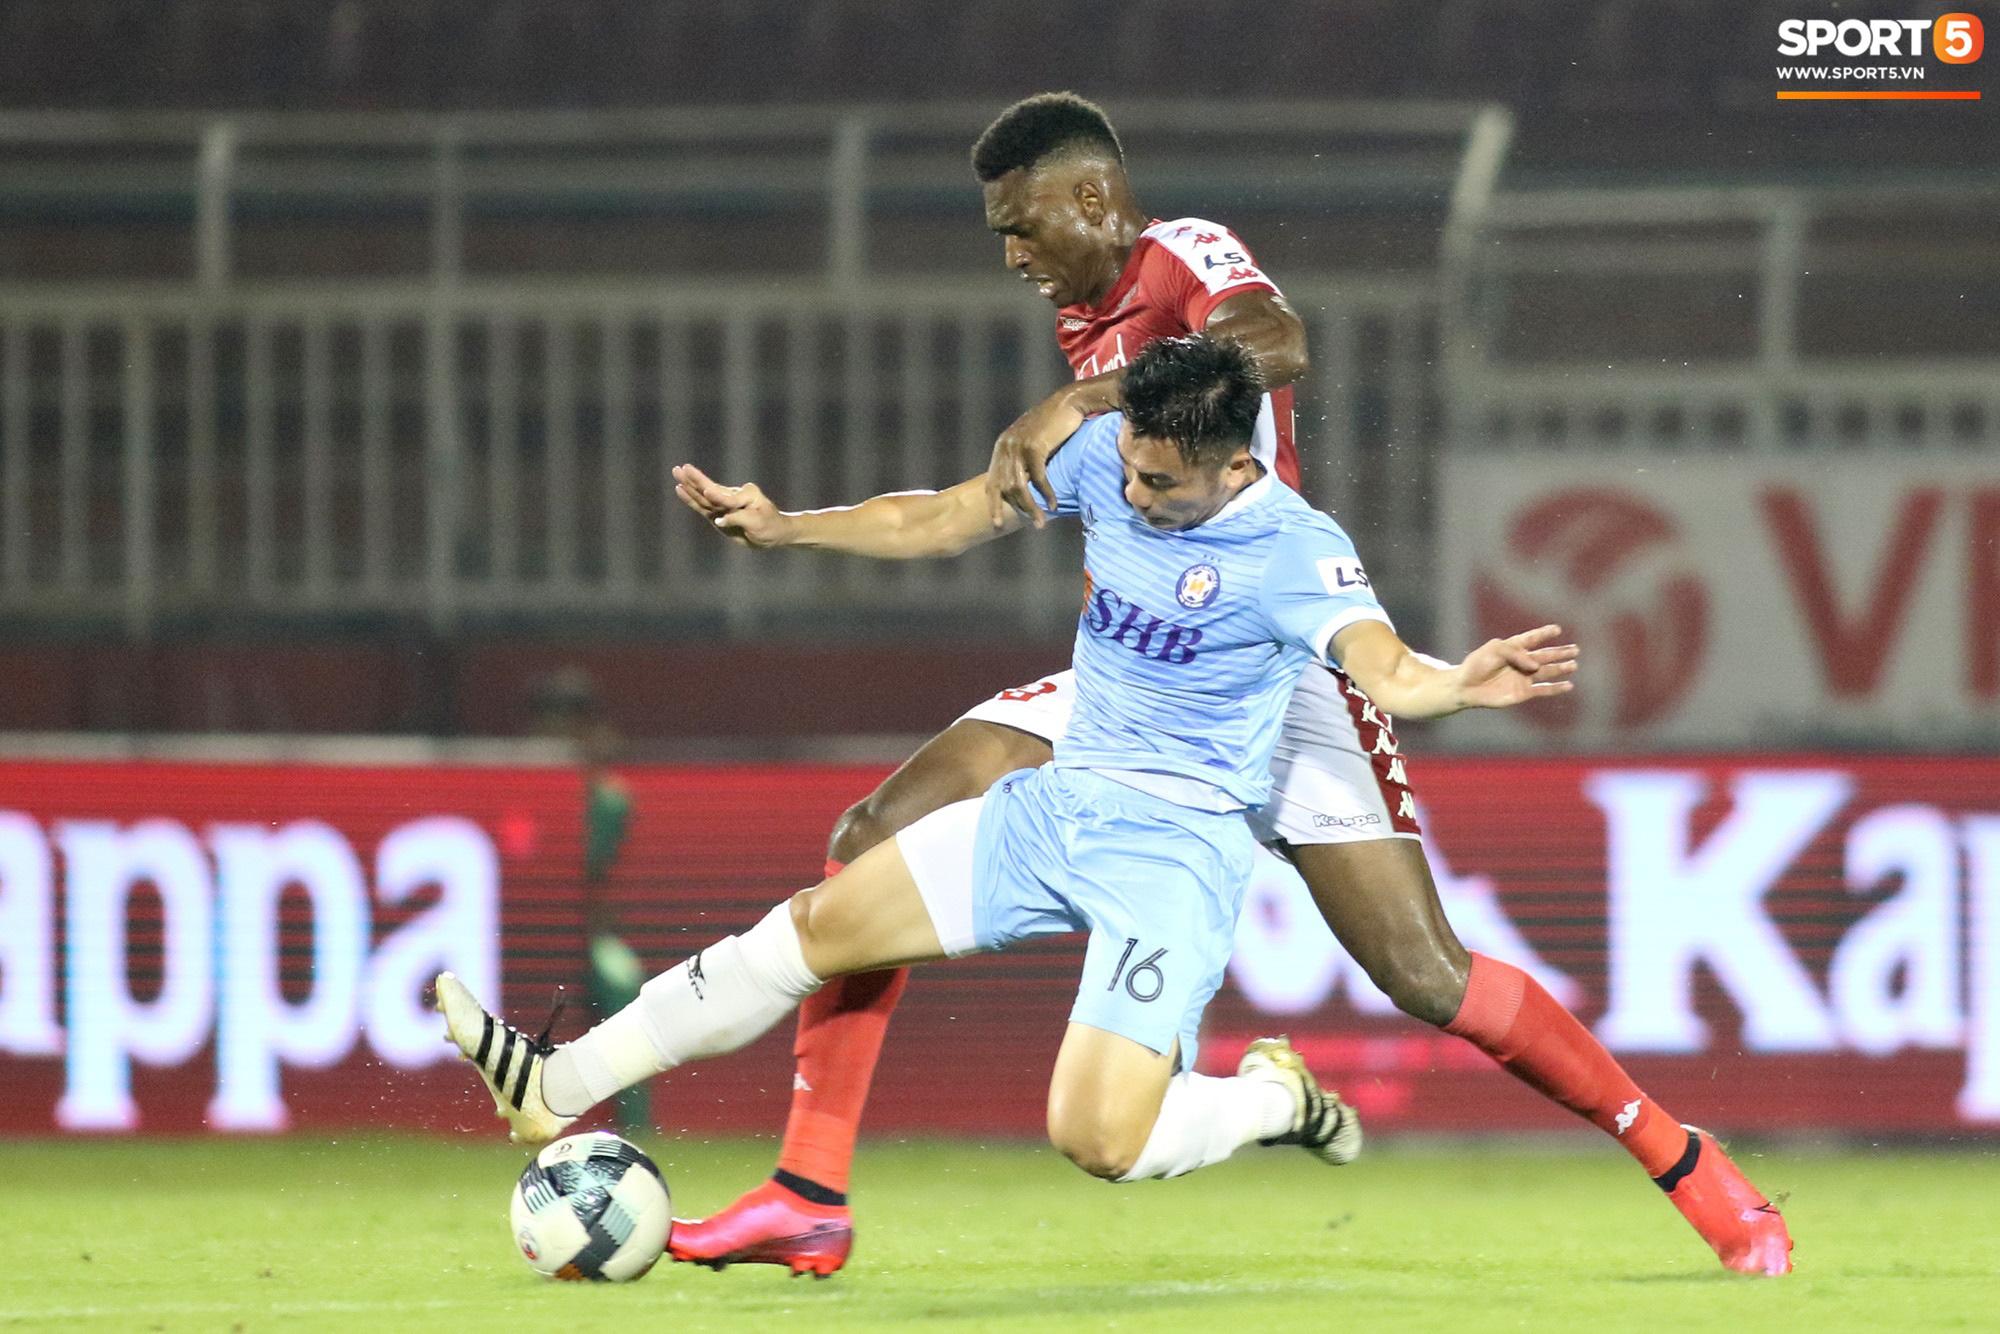 Thót tim với tình huống cựu tuyển thủ U23 Việt Nam nằm gục xuống sân ngay khi được thay ra - Ảnh 10.